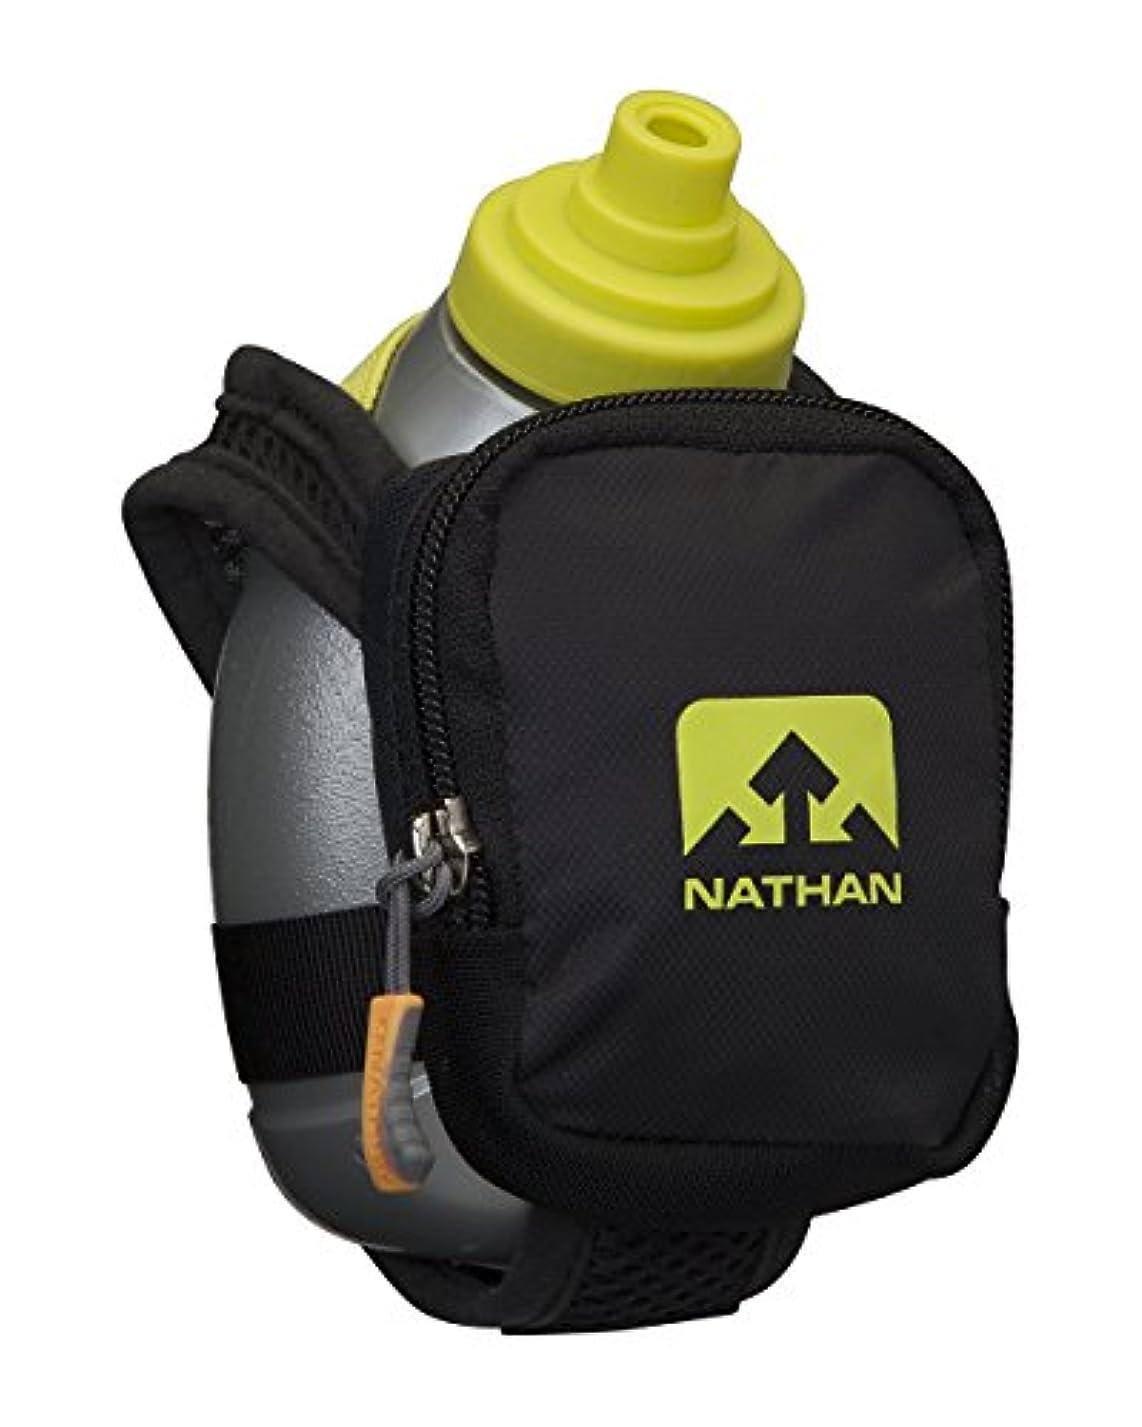 神経衰弱民主主義マネージャー[ネイサン] NATHAN ハイドレーションハンドボトル クイックショットプラス ブラックライト